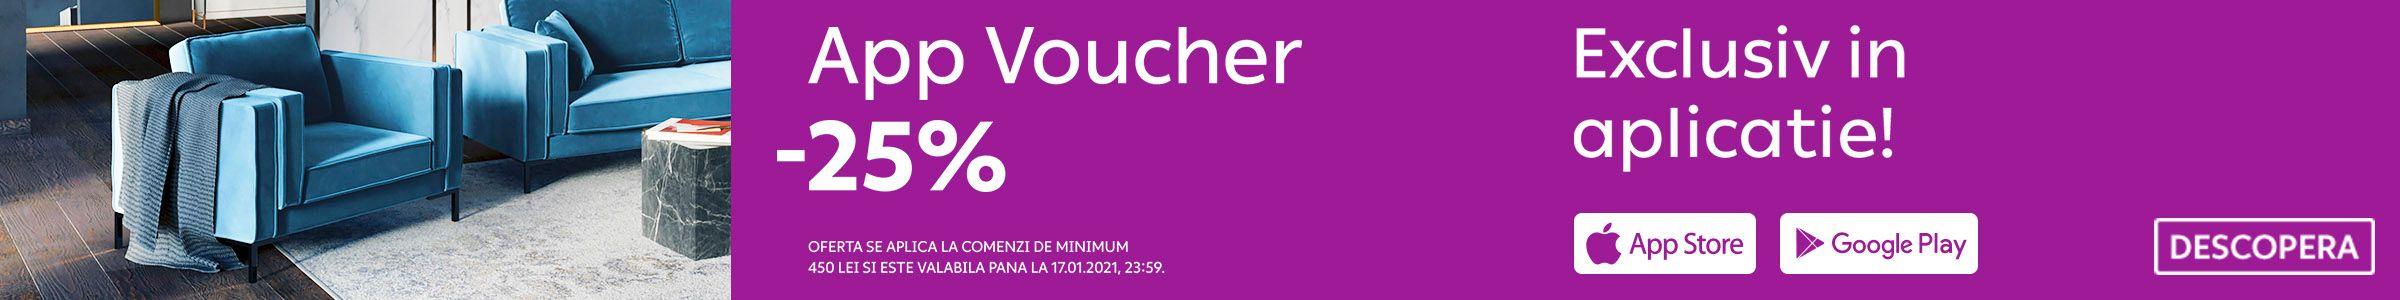 App Voucher